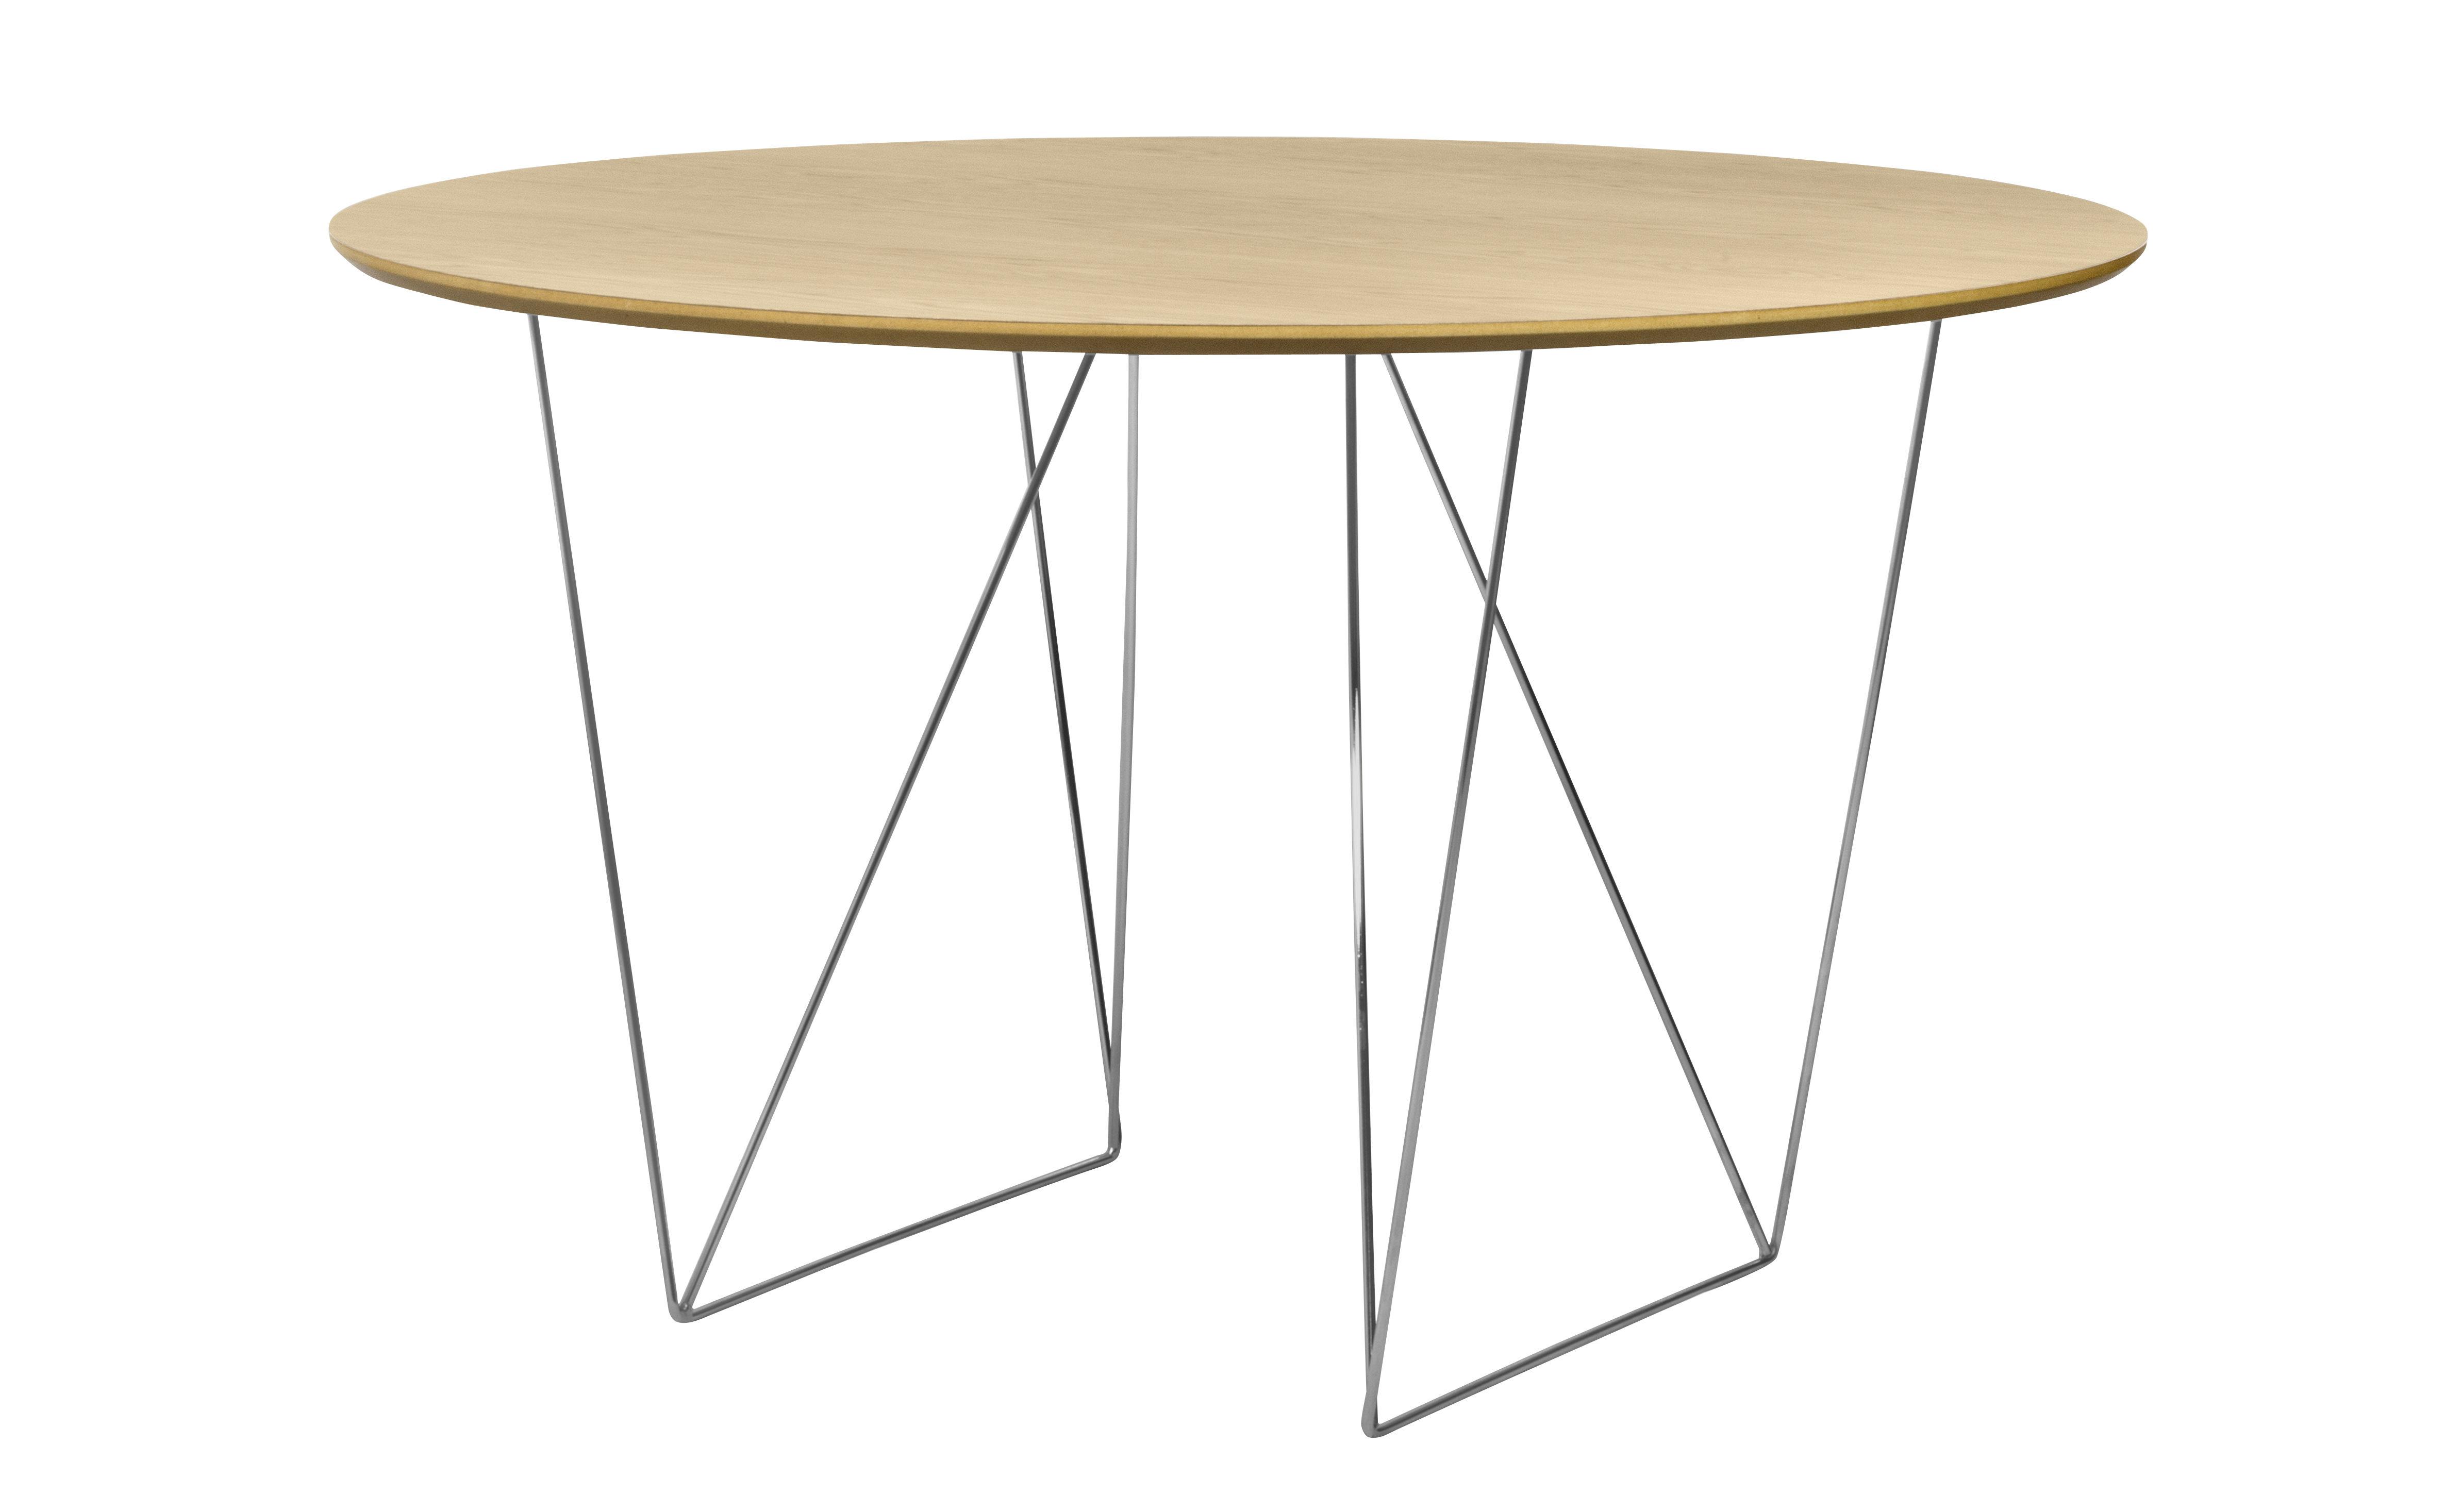 Tendances - Espace Repas - Table Trestle / Ø 120 cm - POP UP HOME - Chêne / Pied chromé - Métal chromé, Panneaux d'aggloméré plaqué chêne